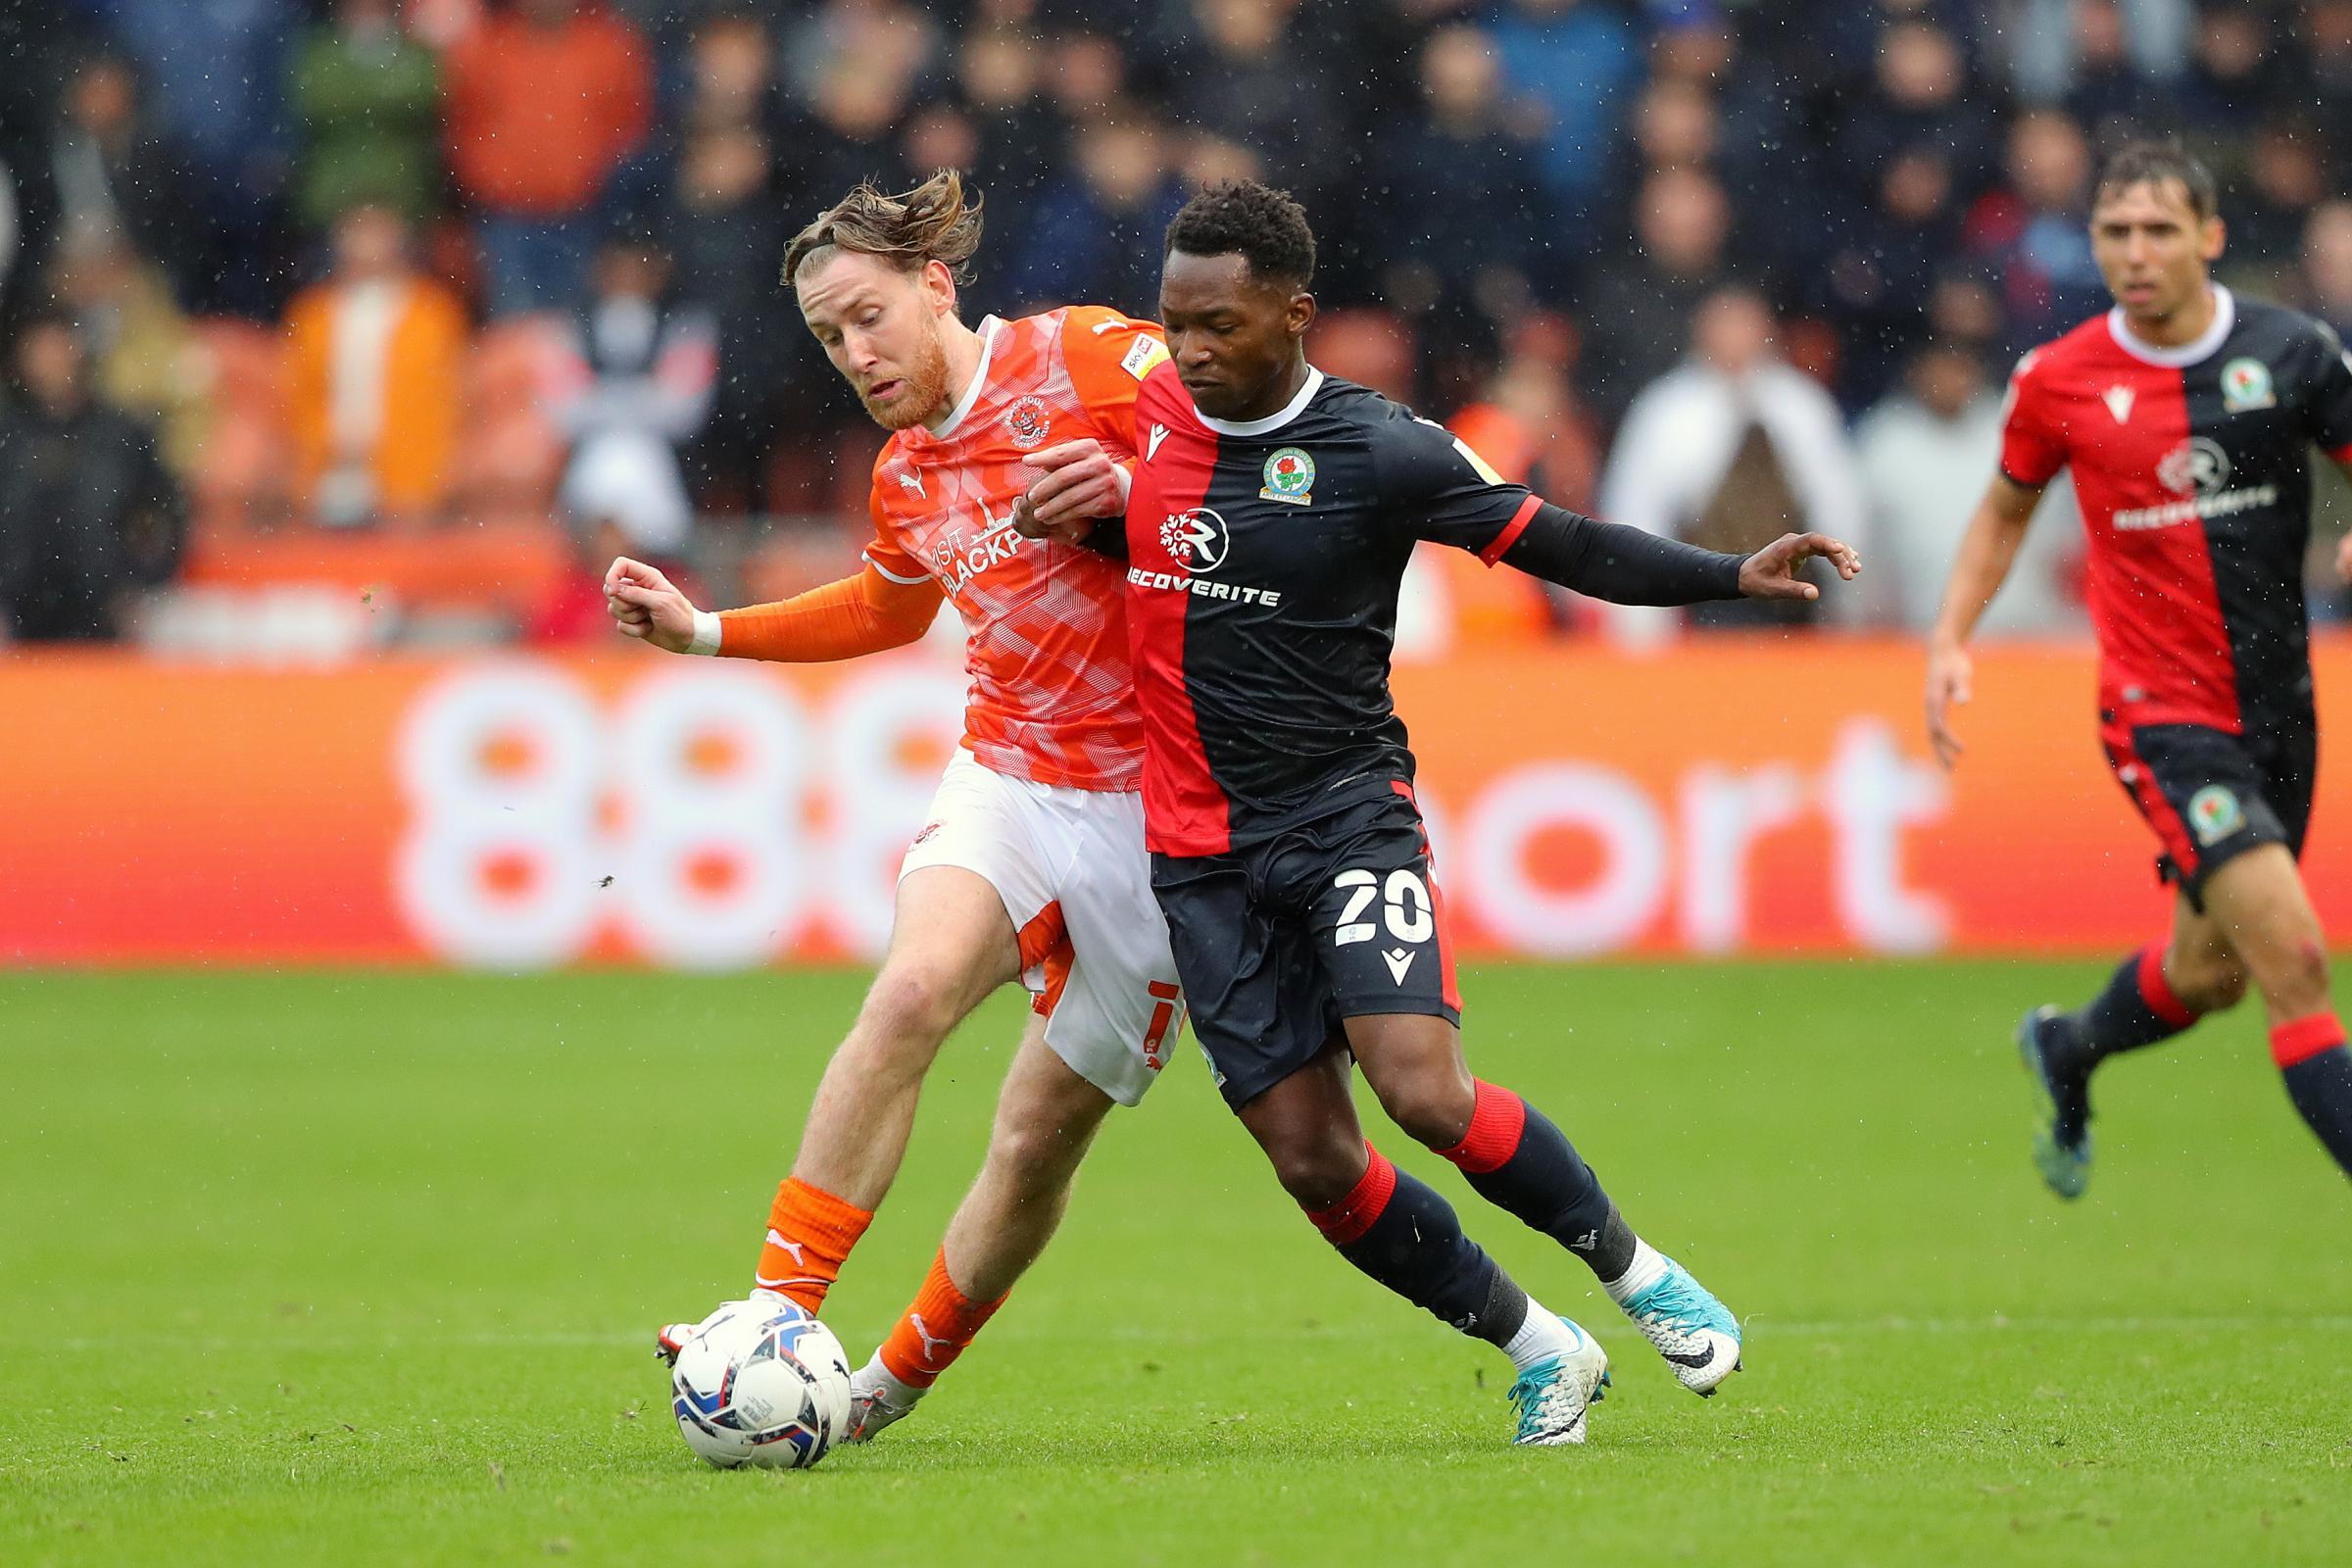 Tayo Edun empuja por un puesto de titular en Blackburn Rovers después de un cameo